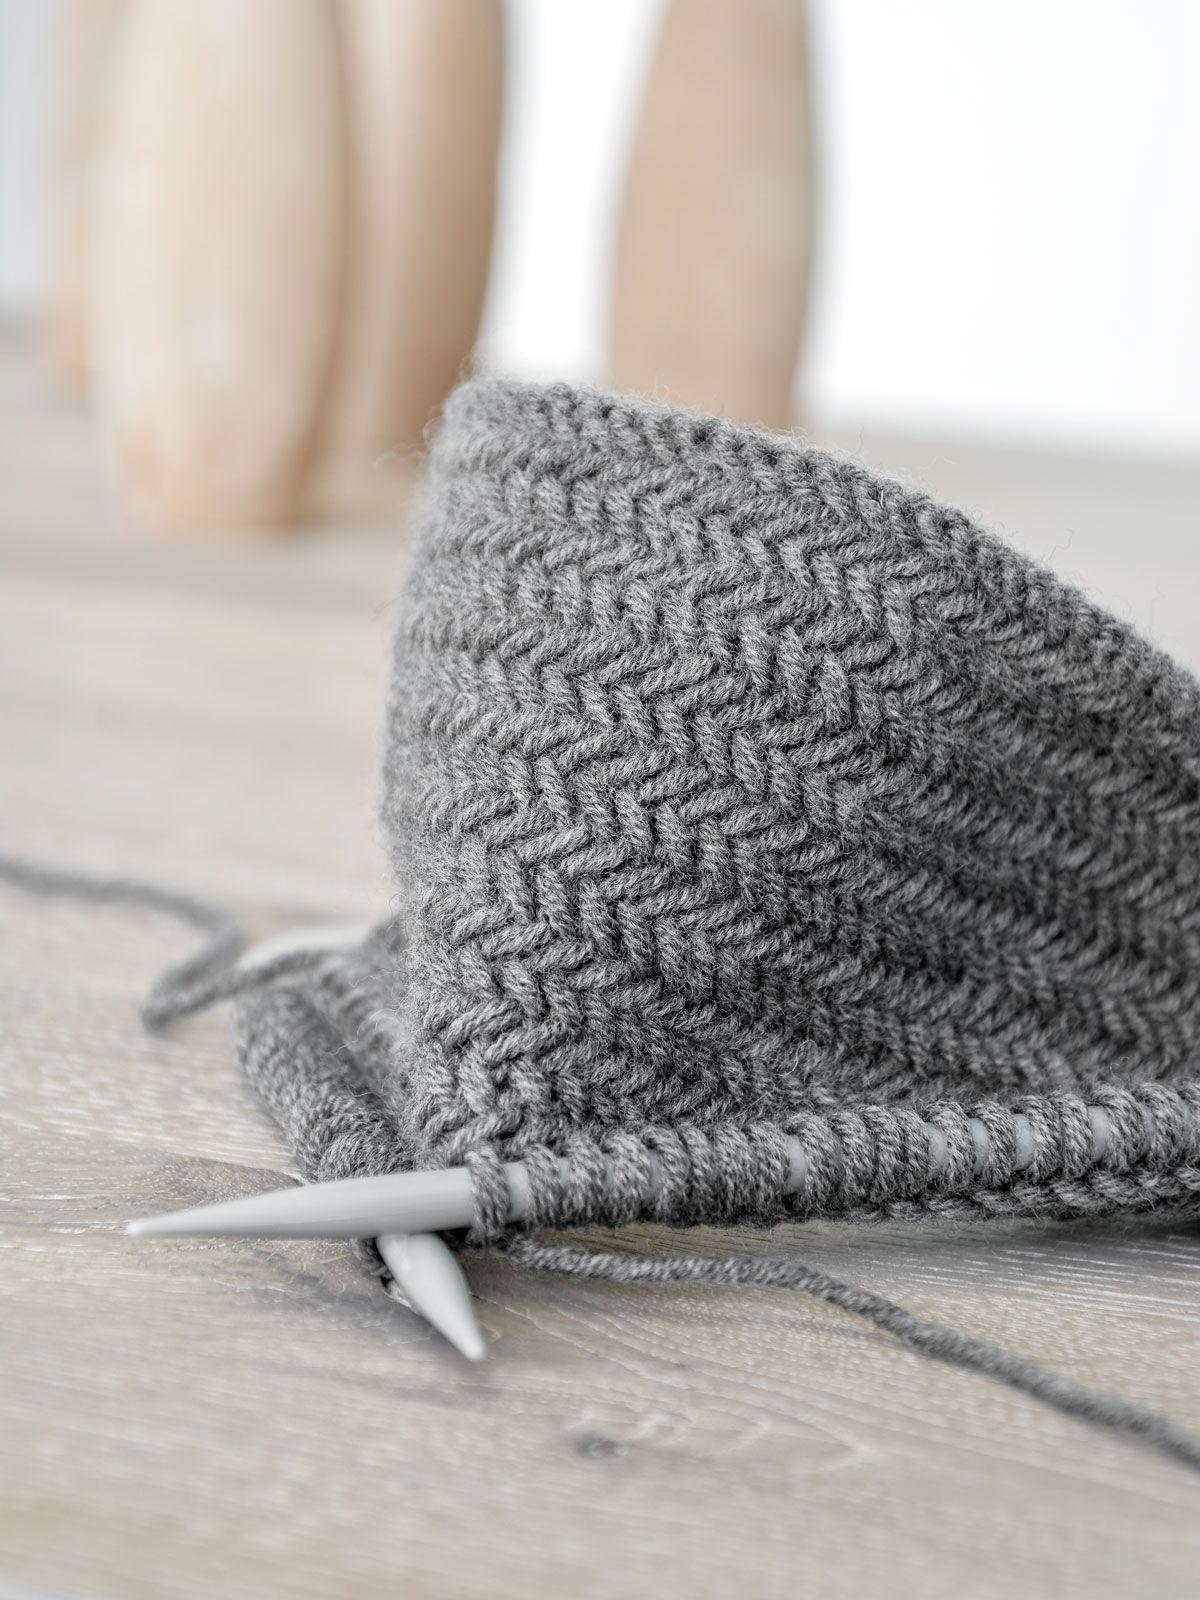 diy anleitung fischgr tmuster stricken und warum man nie genug topflappen haben kann. Black Bedroom Furniture Sets. Home Design Ideas